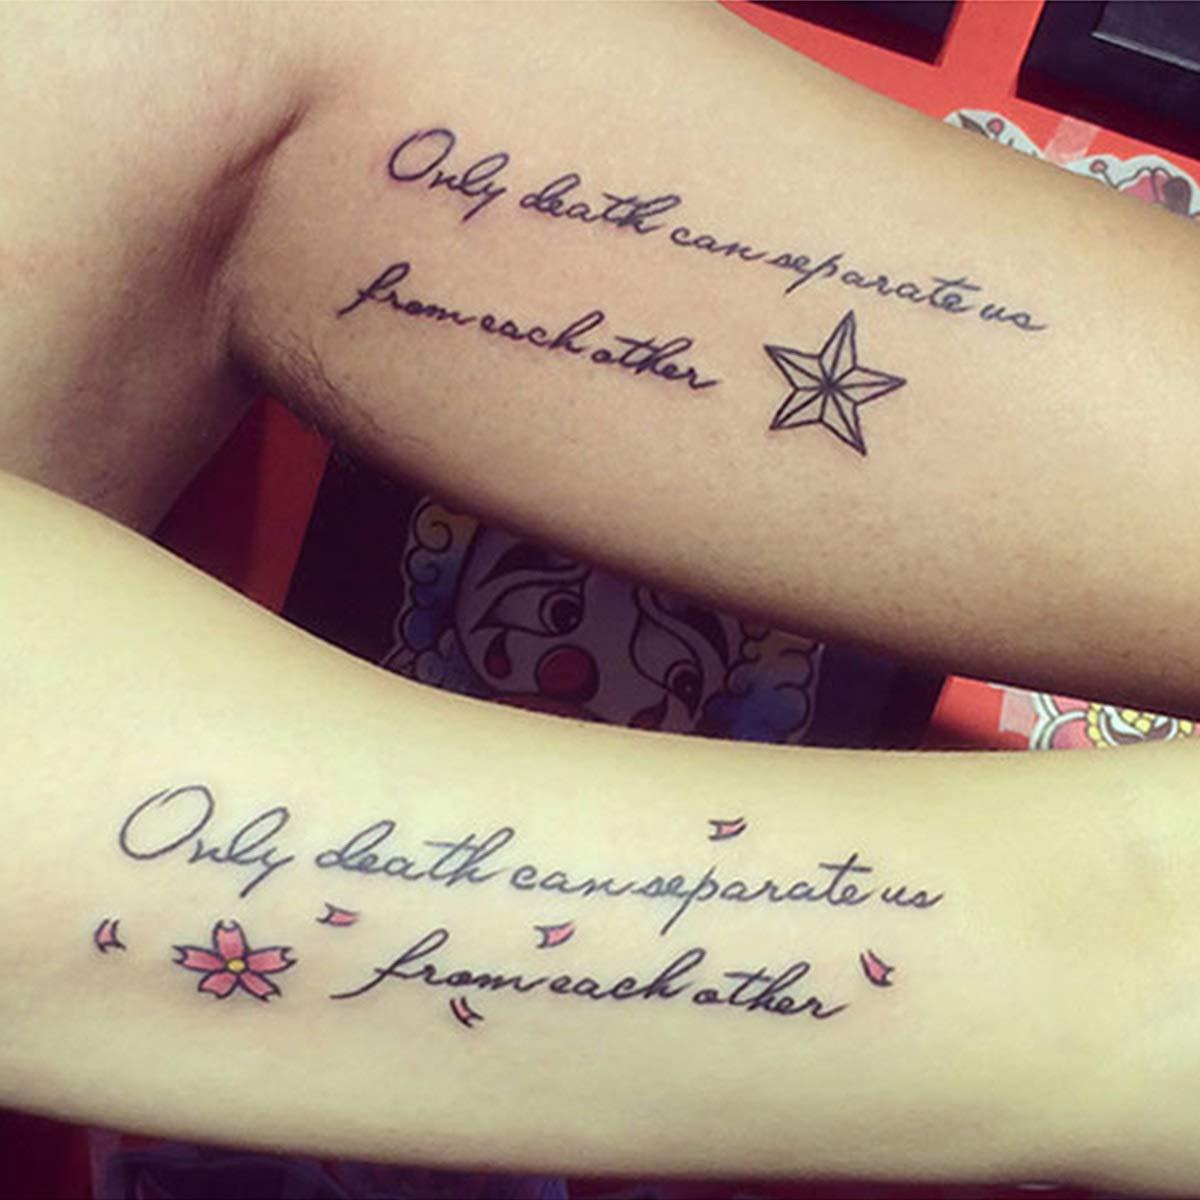 Sexy Palabras Negro Letra temporales tatuaje Calle de hip hop niña ...